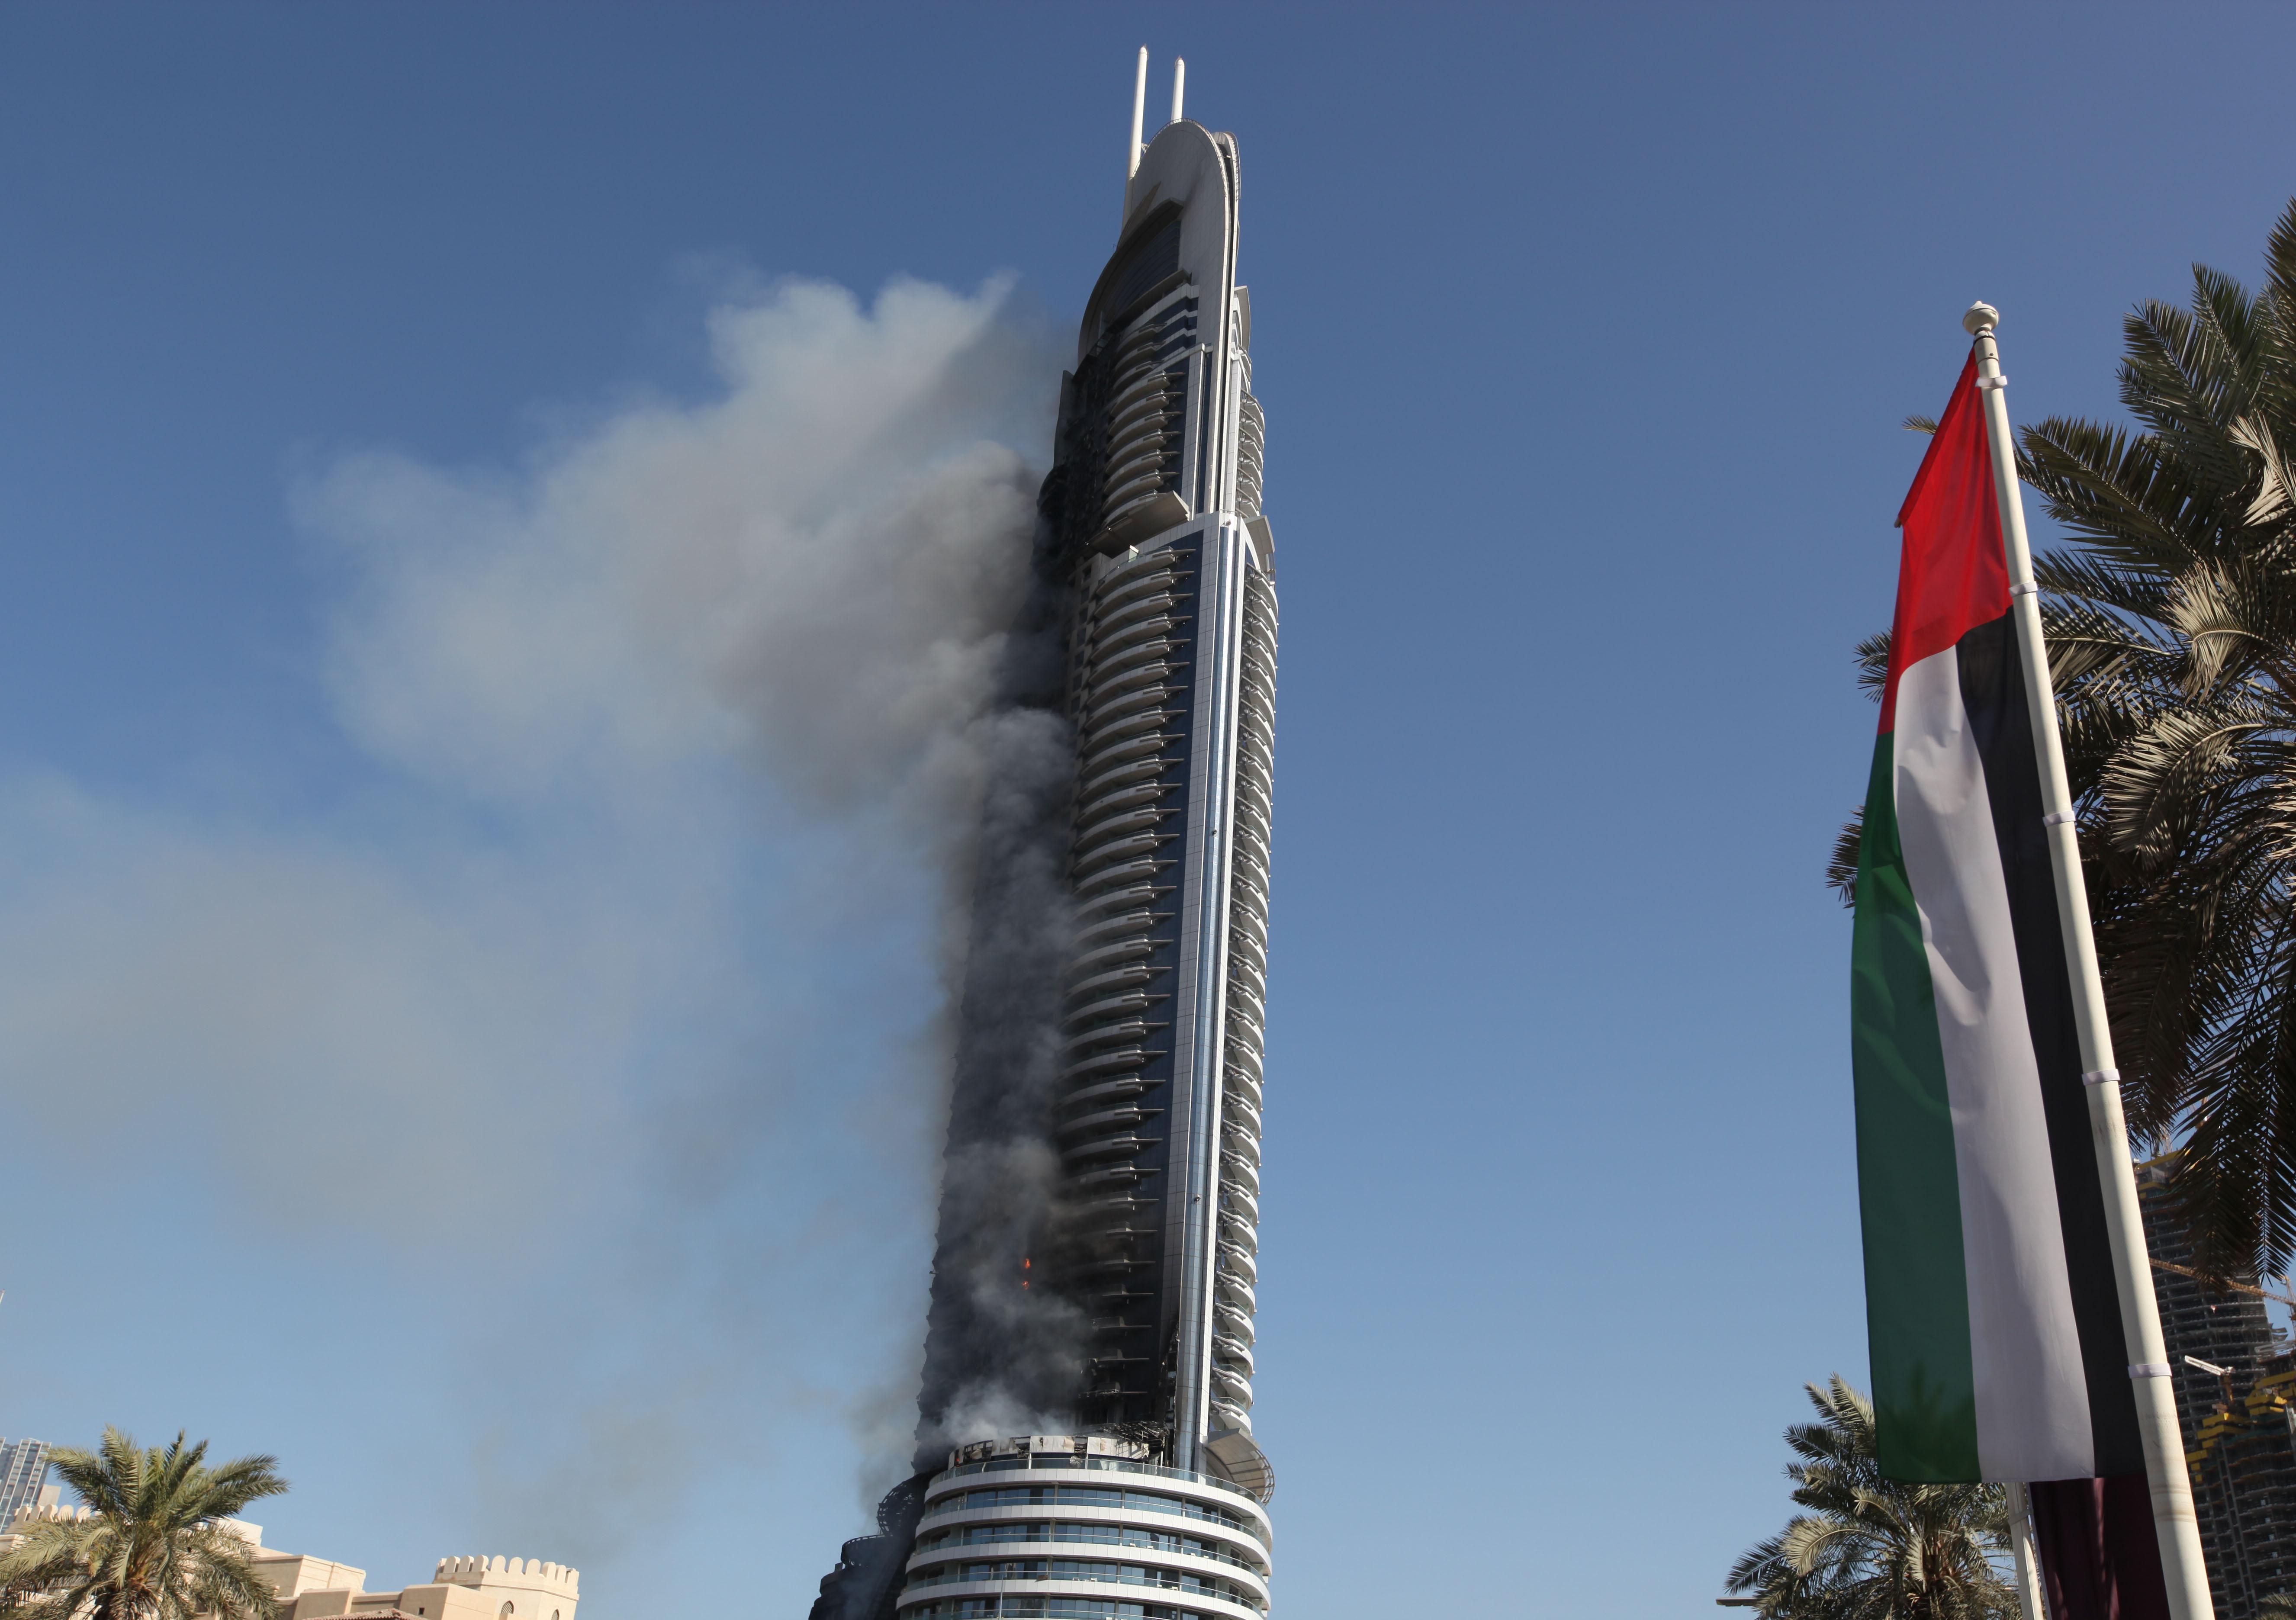 When Will Dubai Fix Its Burning Skyscraper Problem? | Gizmodo Australia